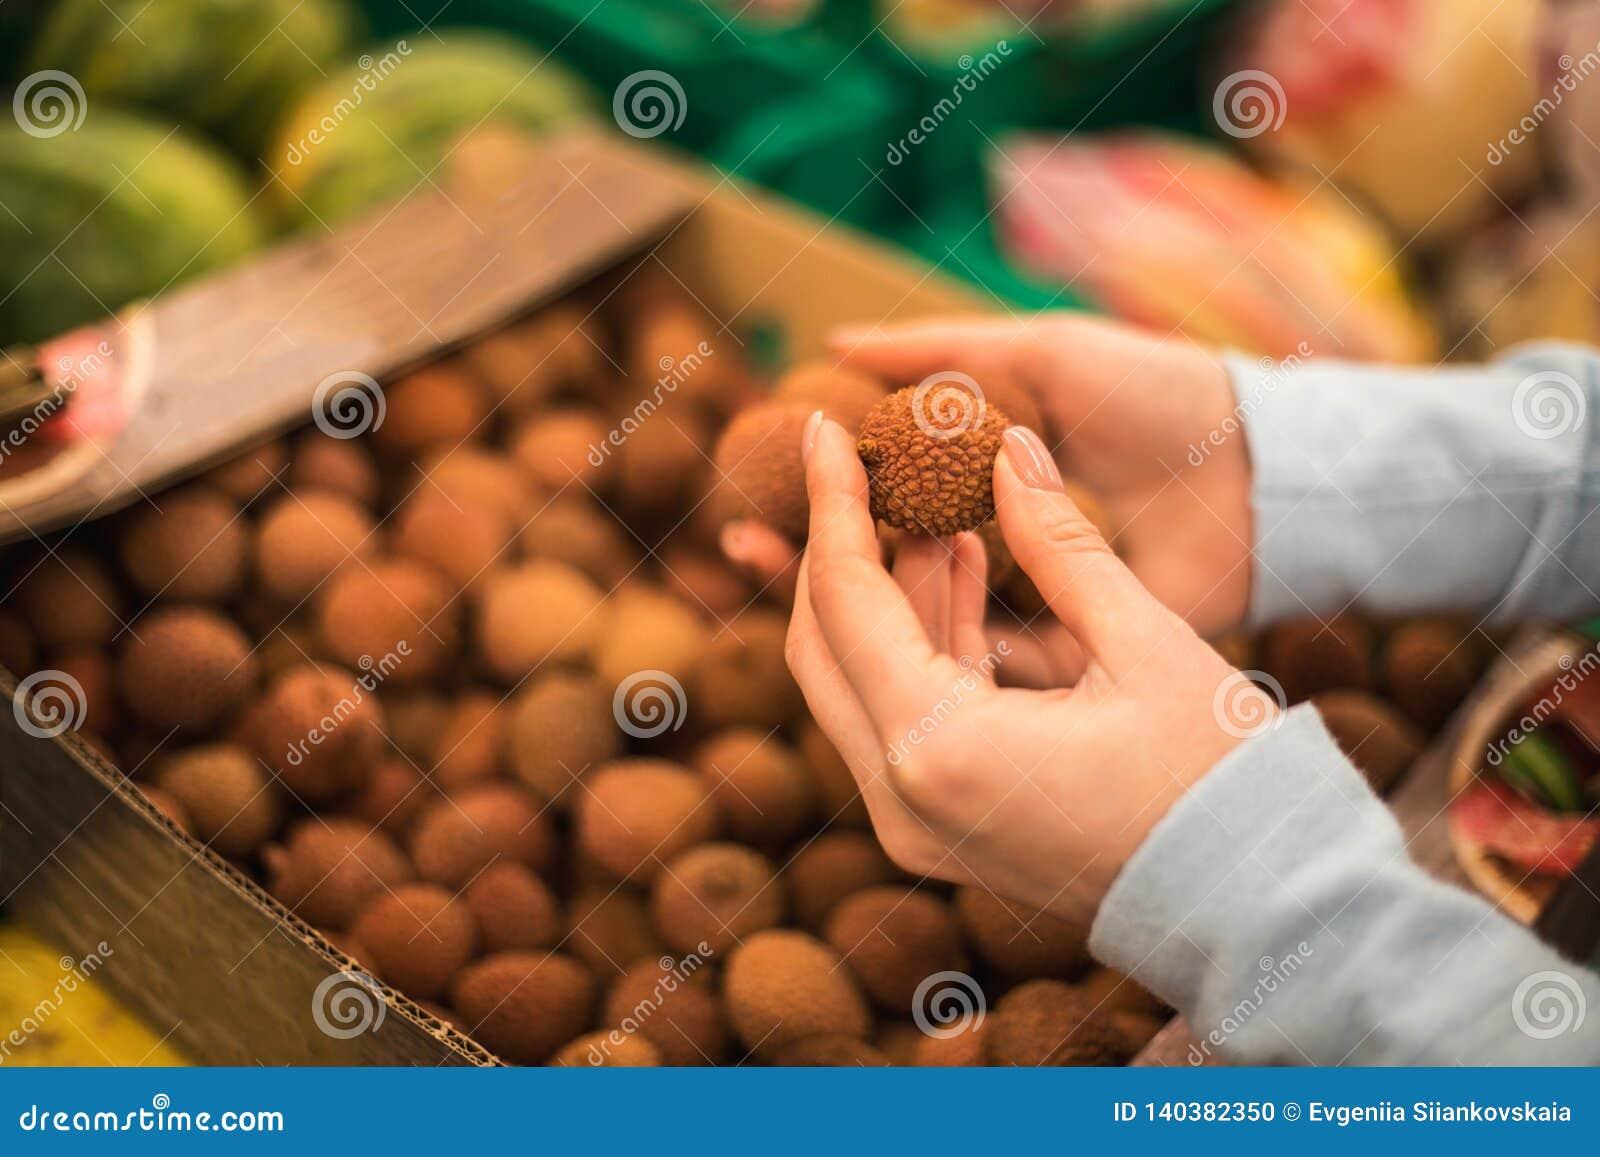 Ung kvinna att välja den nya litchiplommonet på supermarket